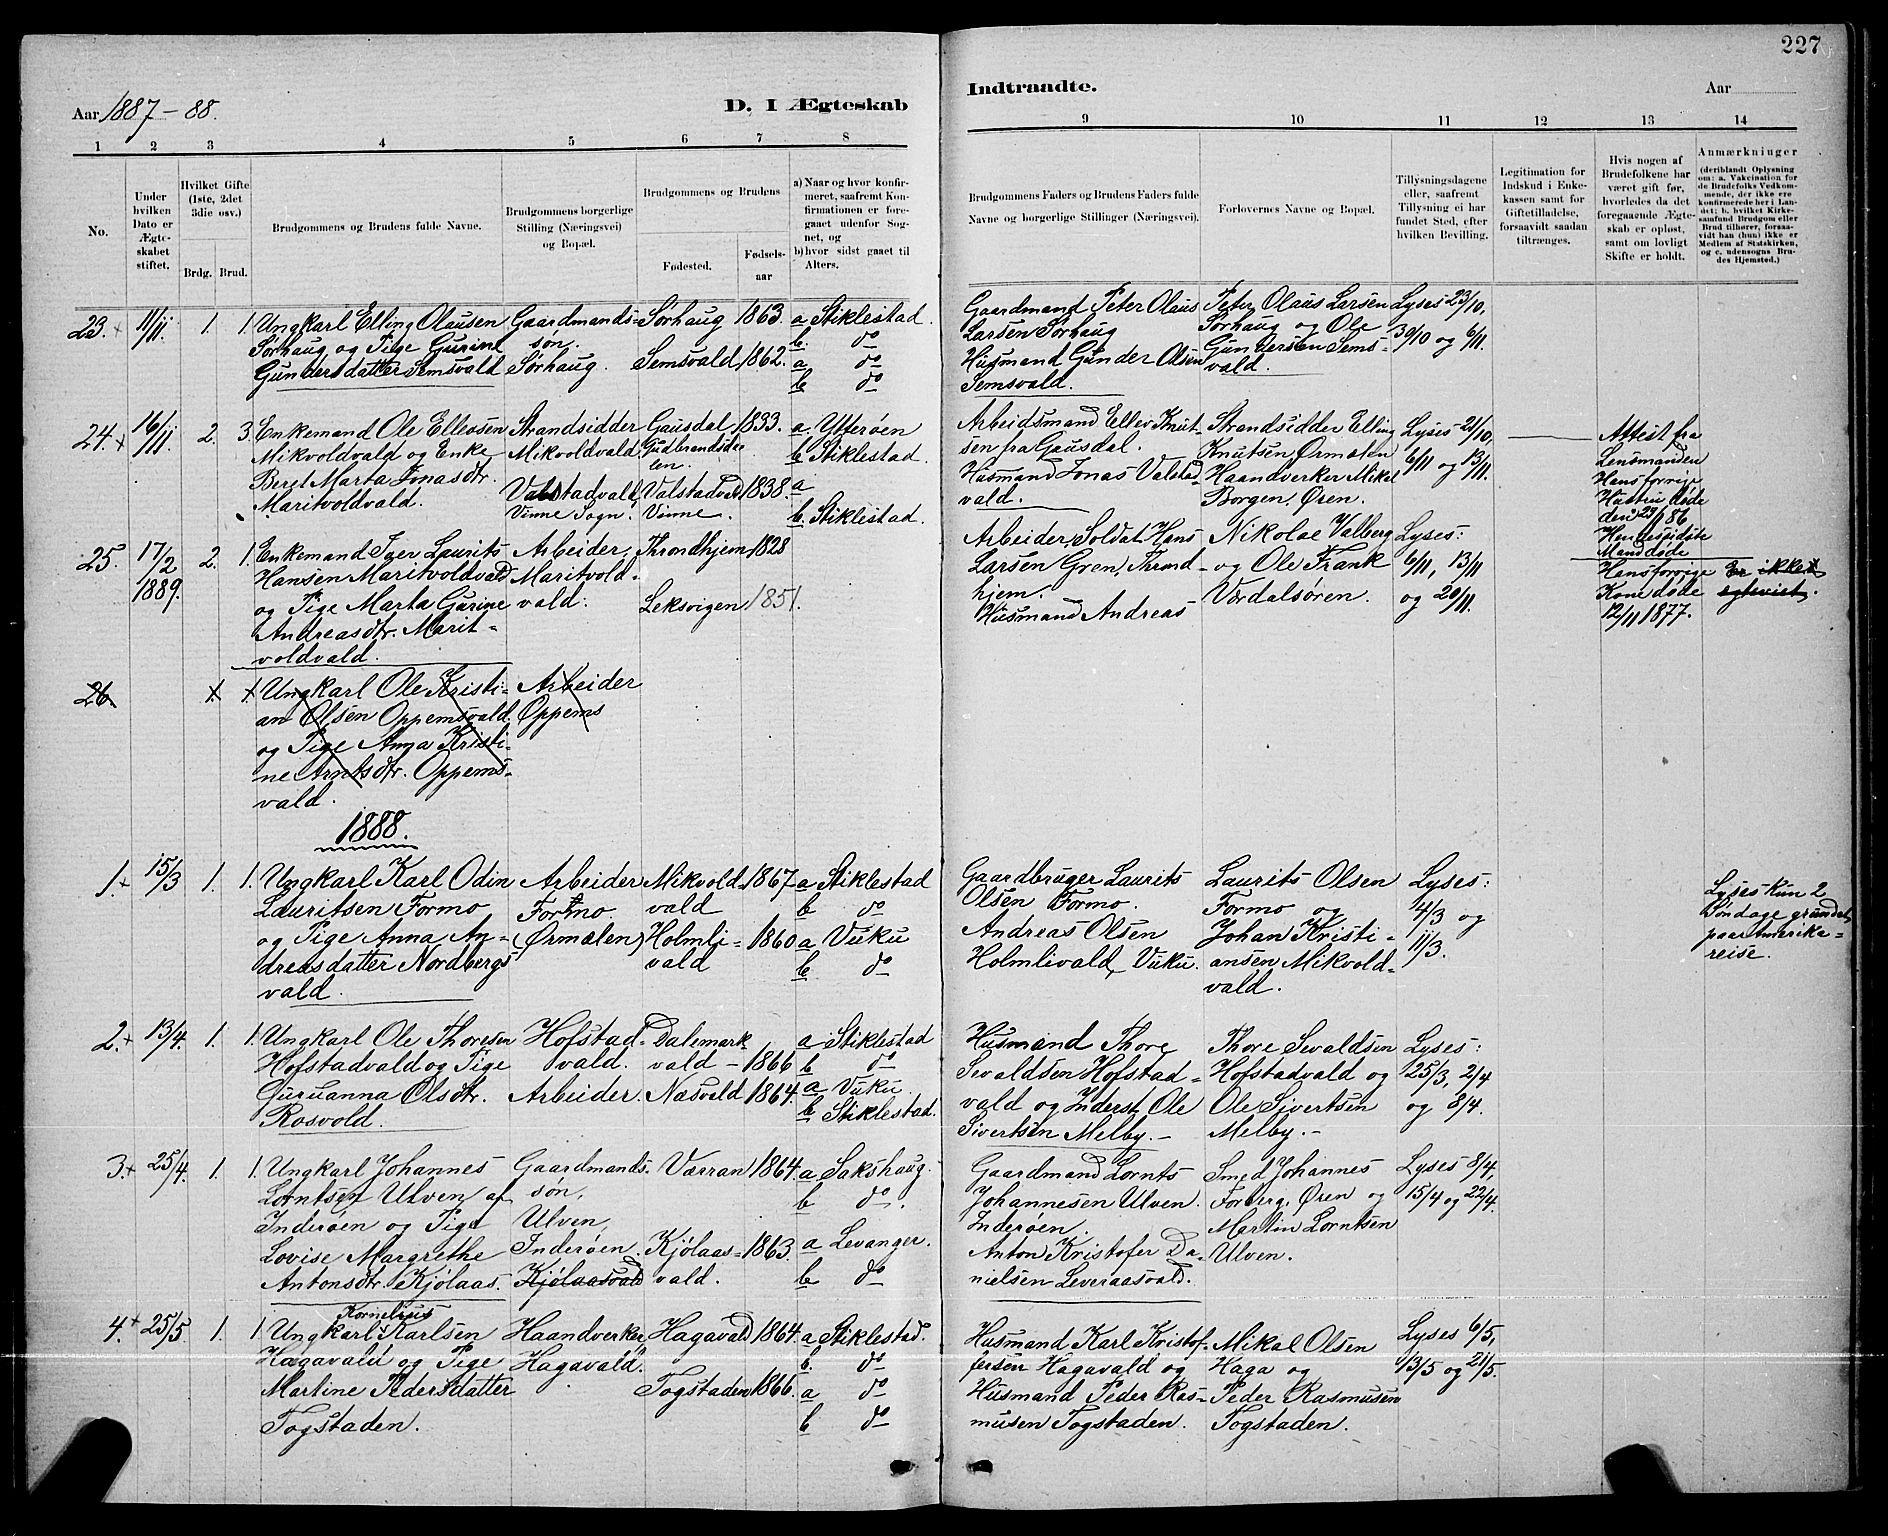 SAT, Ministerialprotokoller, klokkerbøker og fødselsregistre - Nord-Trøndelag, 723/L0256: Klokkerbok nr. 723C04, 1879-1890, s. 227